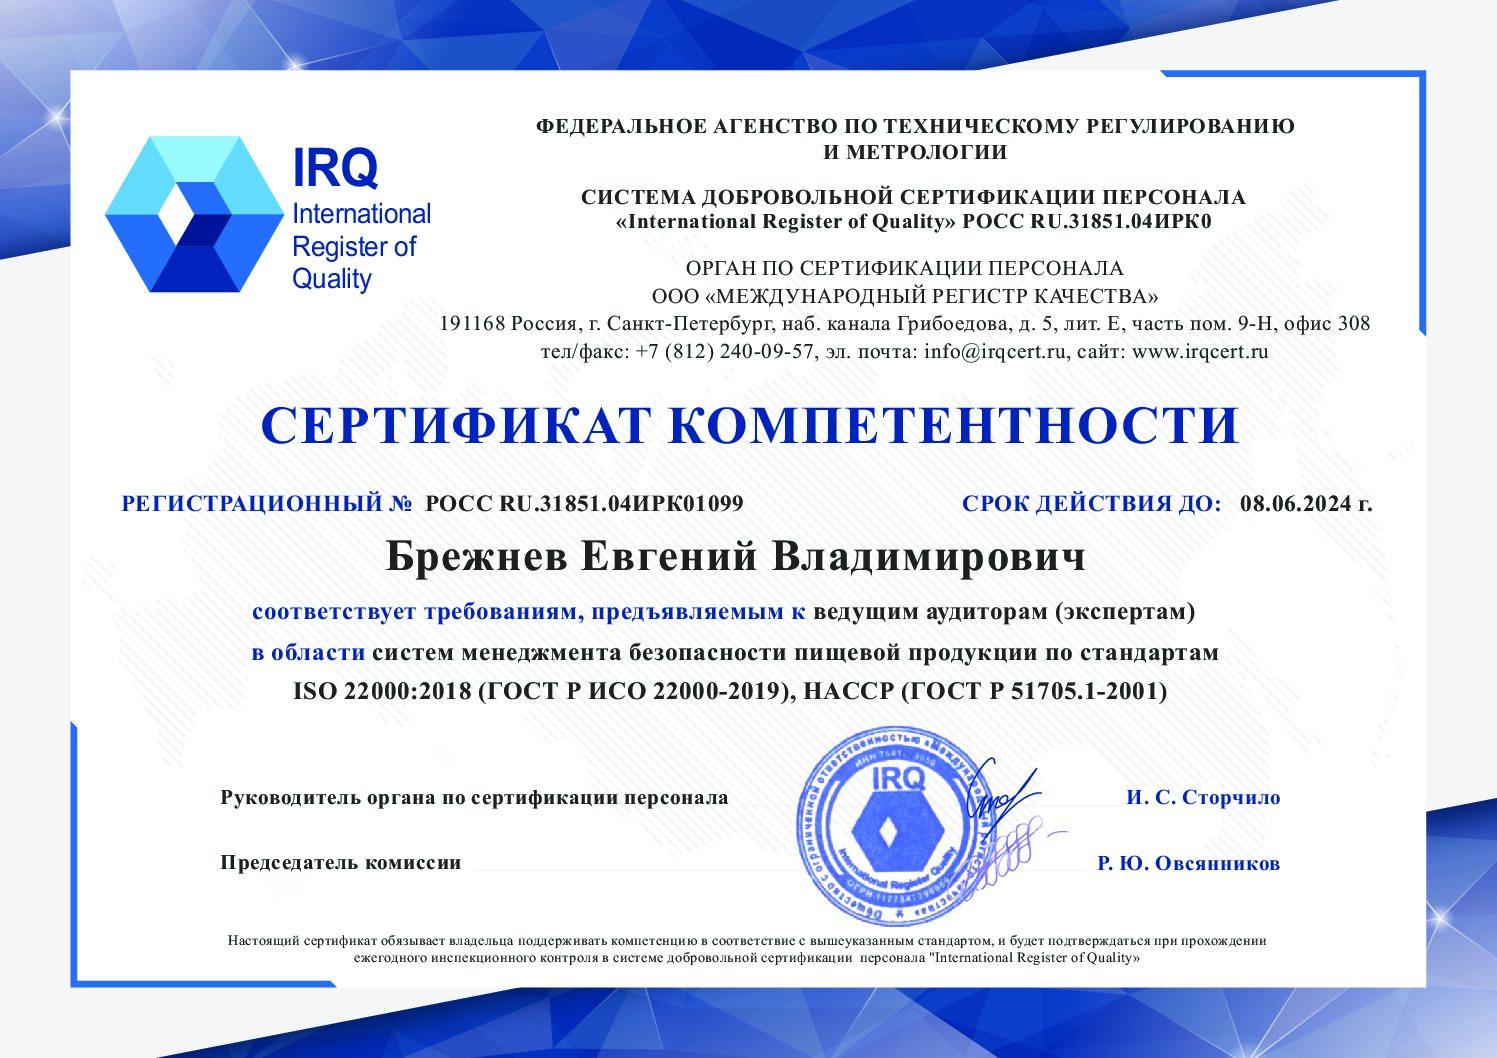 СЕРТИФИКАТ КОМПЕТЕНТНОСТИ ISO 22000